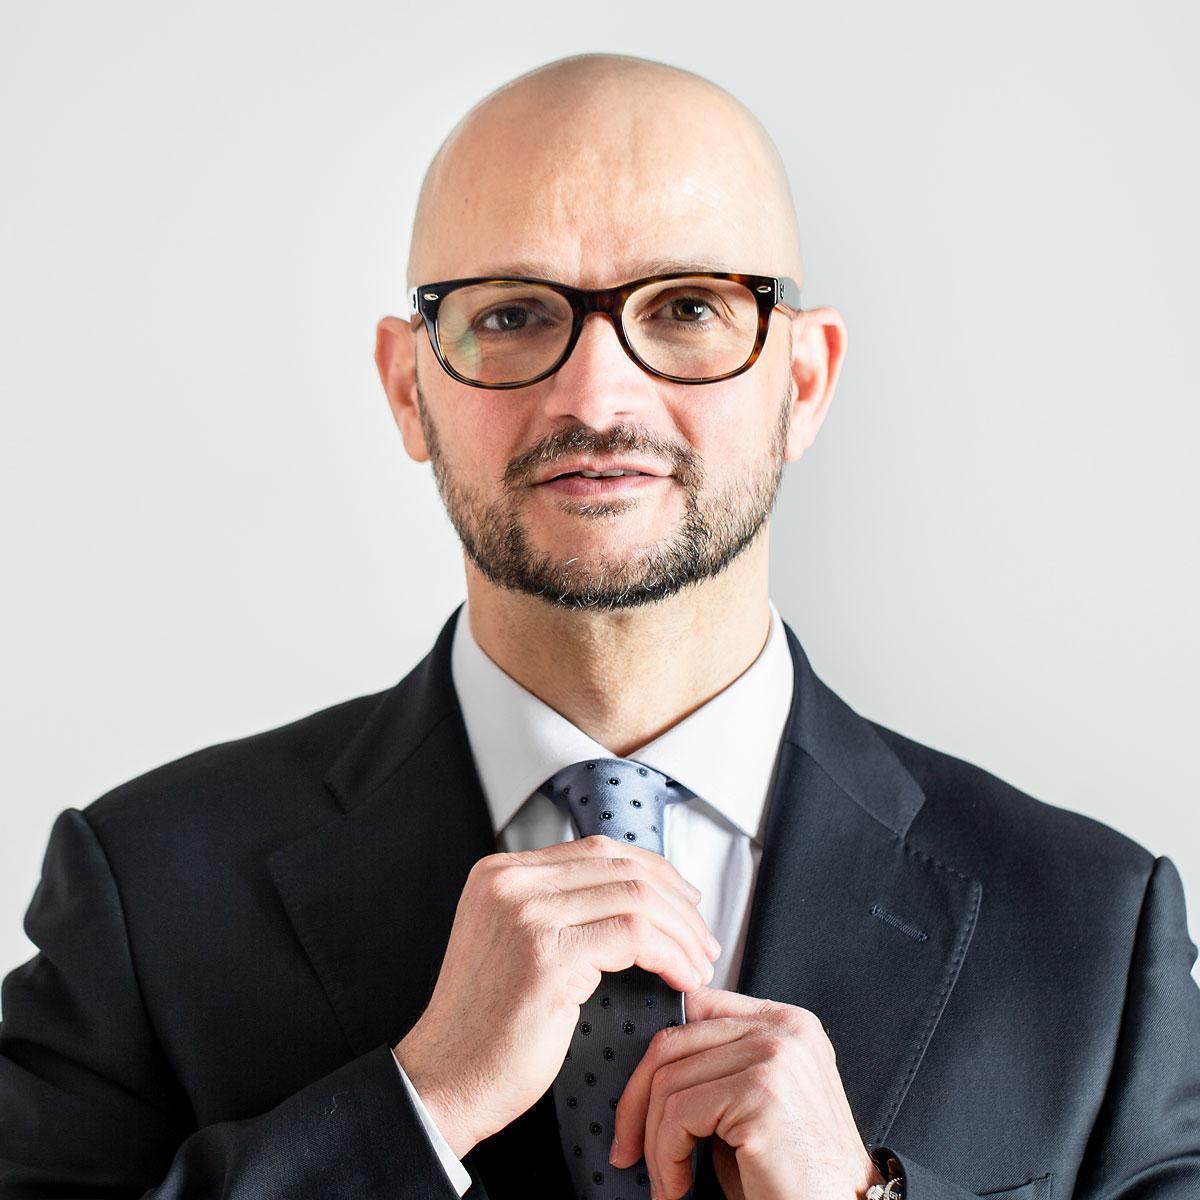 Marco Toma è Business Coach presso Ekis: se stai cercando un mental coach sei nel posto giusto per scoprire come migliorare la concentrazione e come migliorare la propria vita.